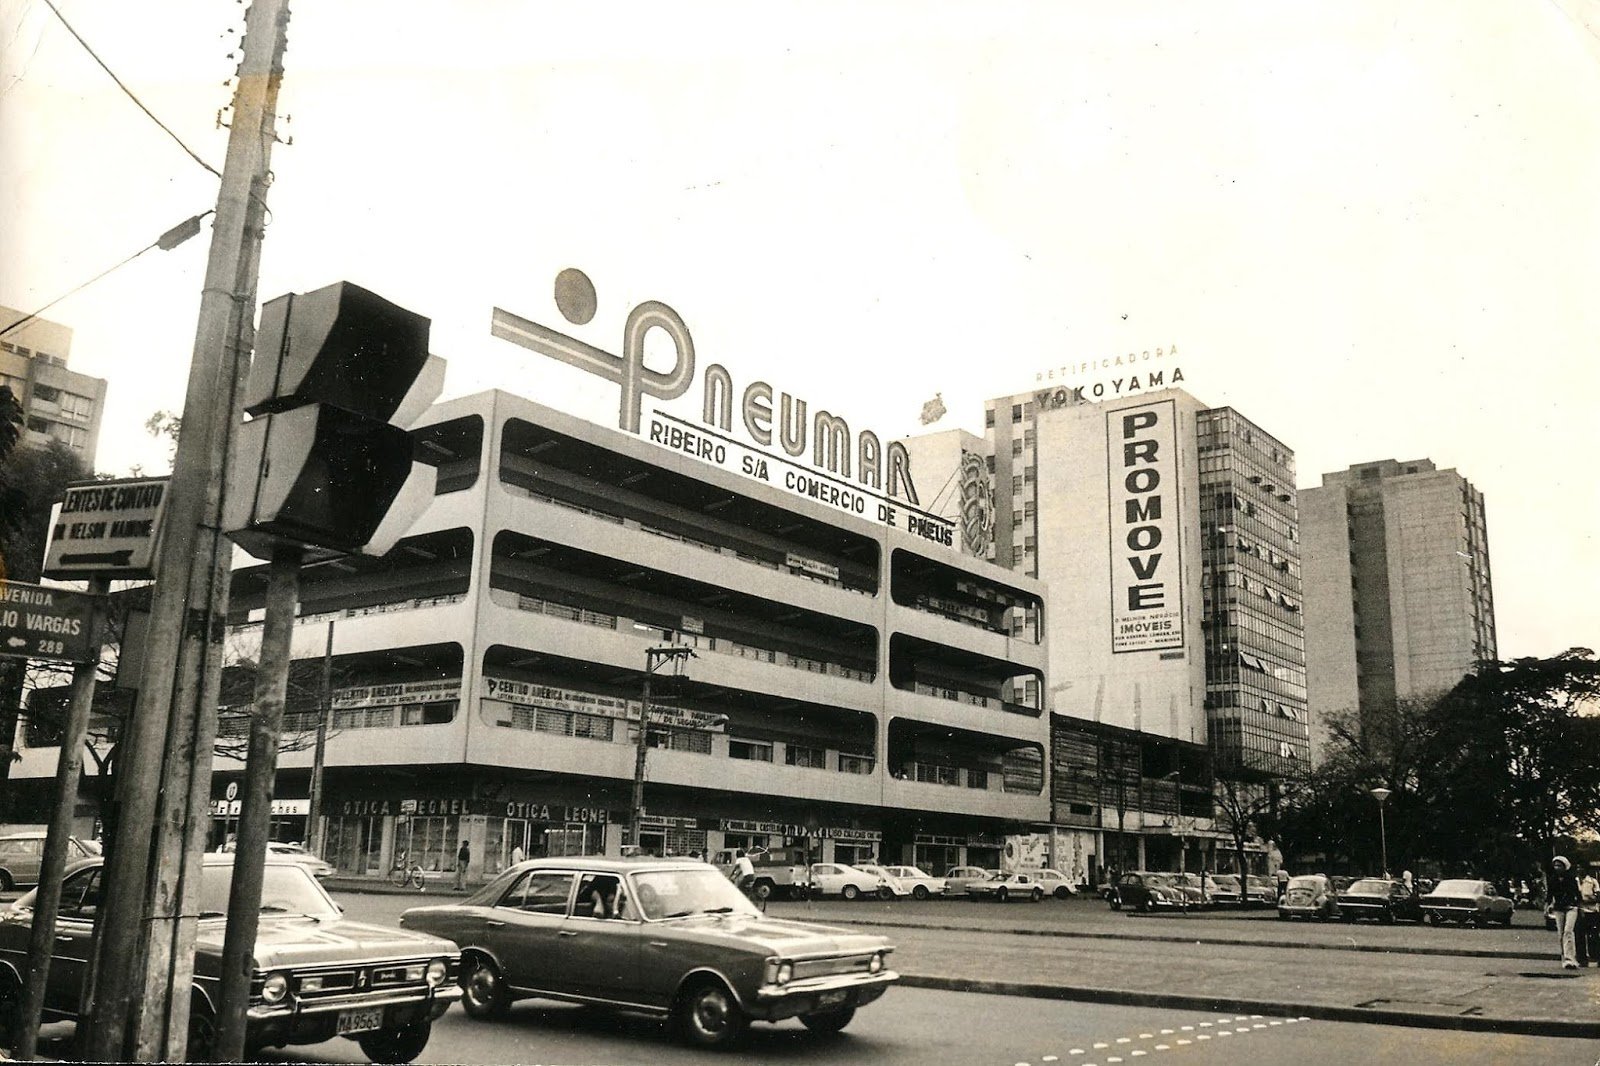 Avenida Brasil x Avenida Getúlio Vargas - Década de 1980